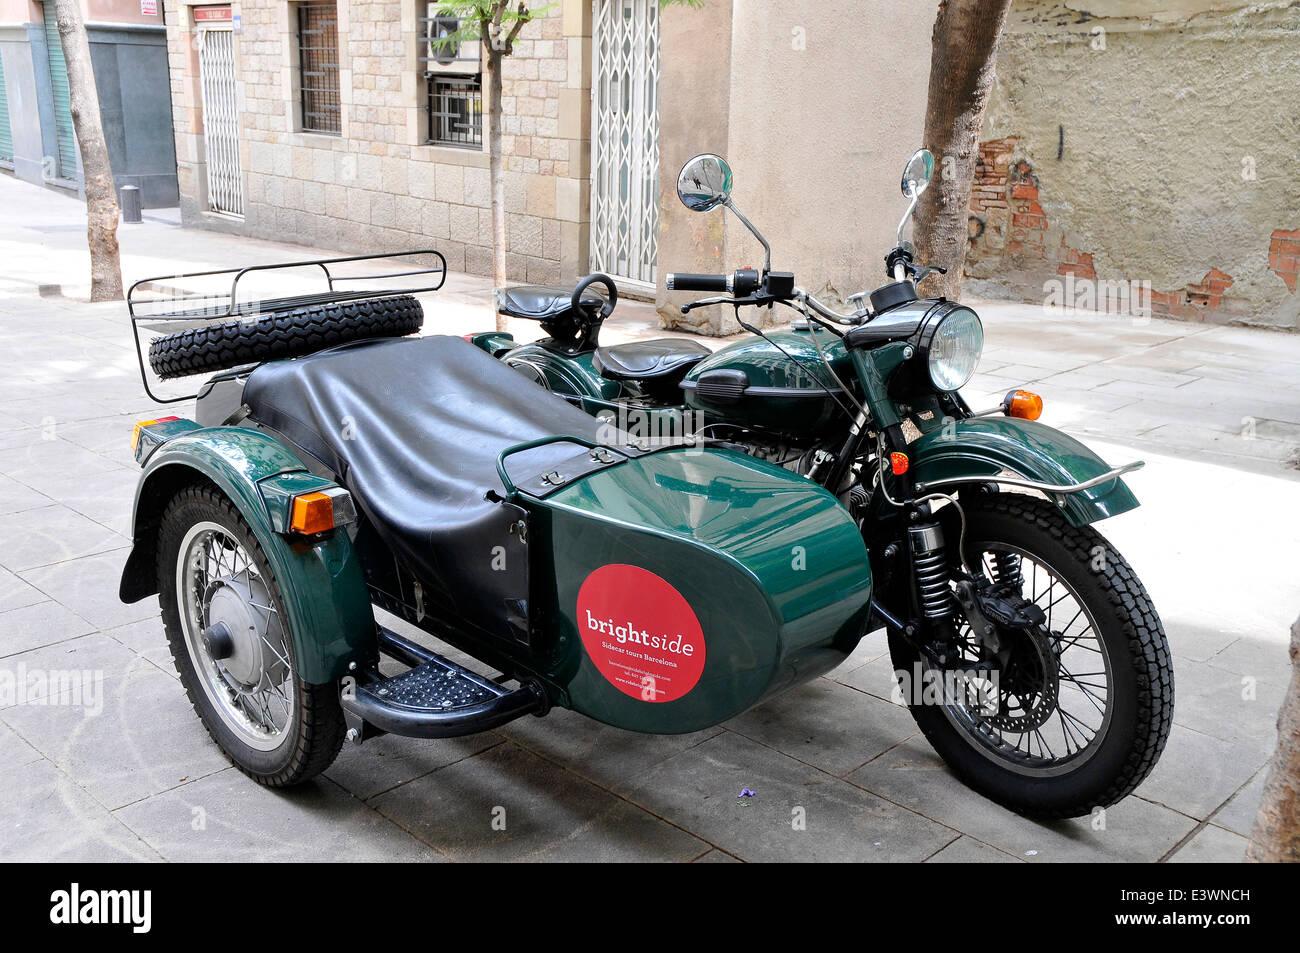 Motociclo con sidecar Barcelona offerta turistica per tour della città Immagini Stock